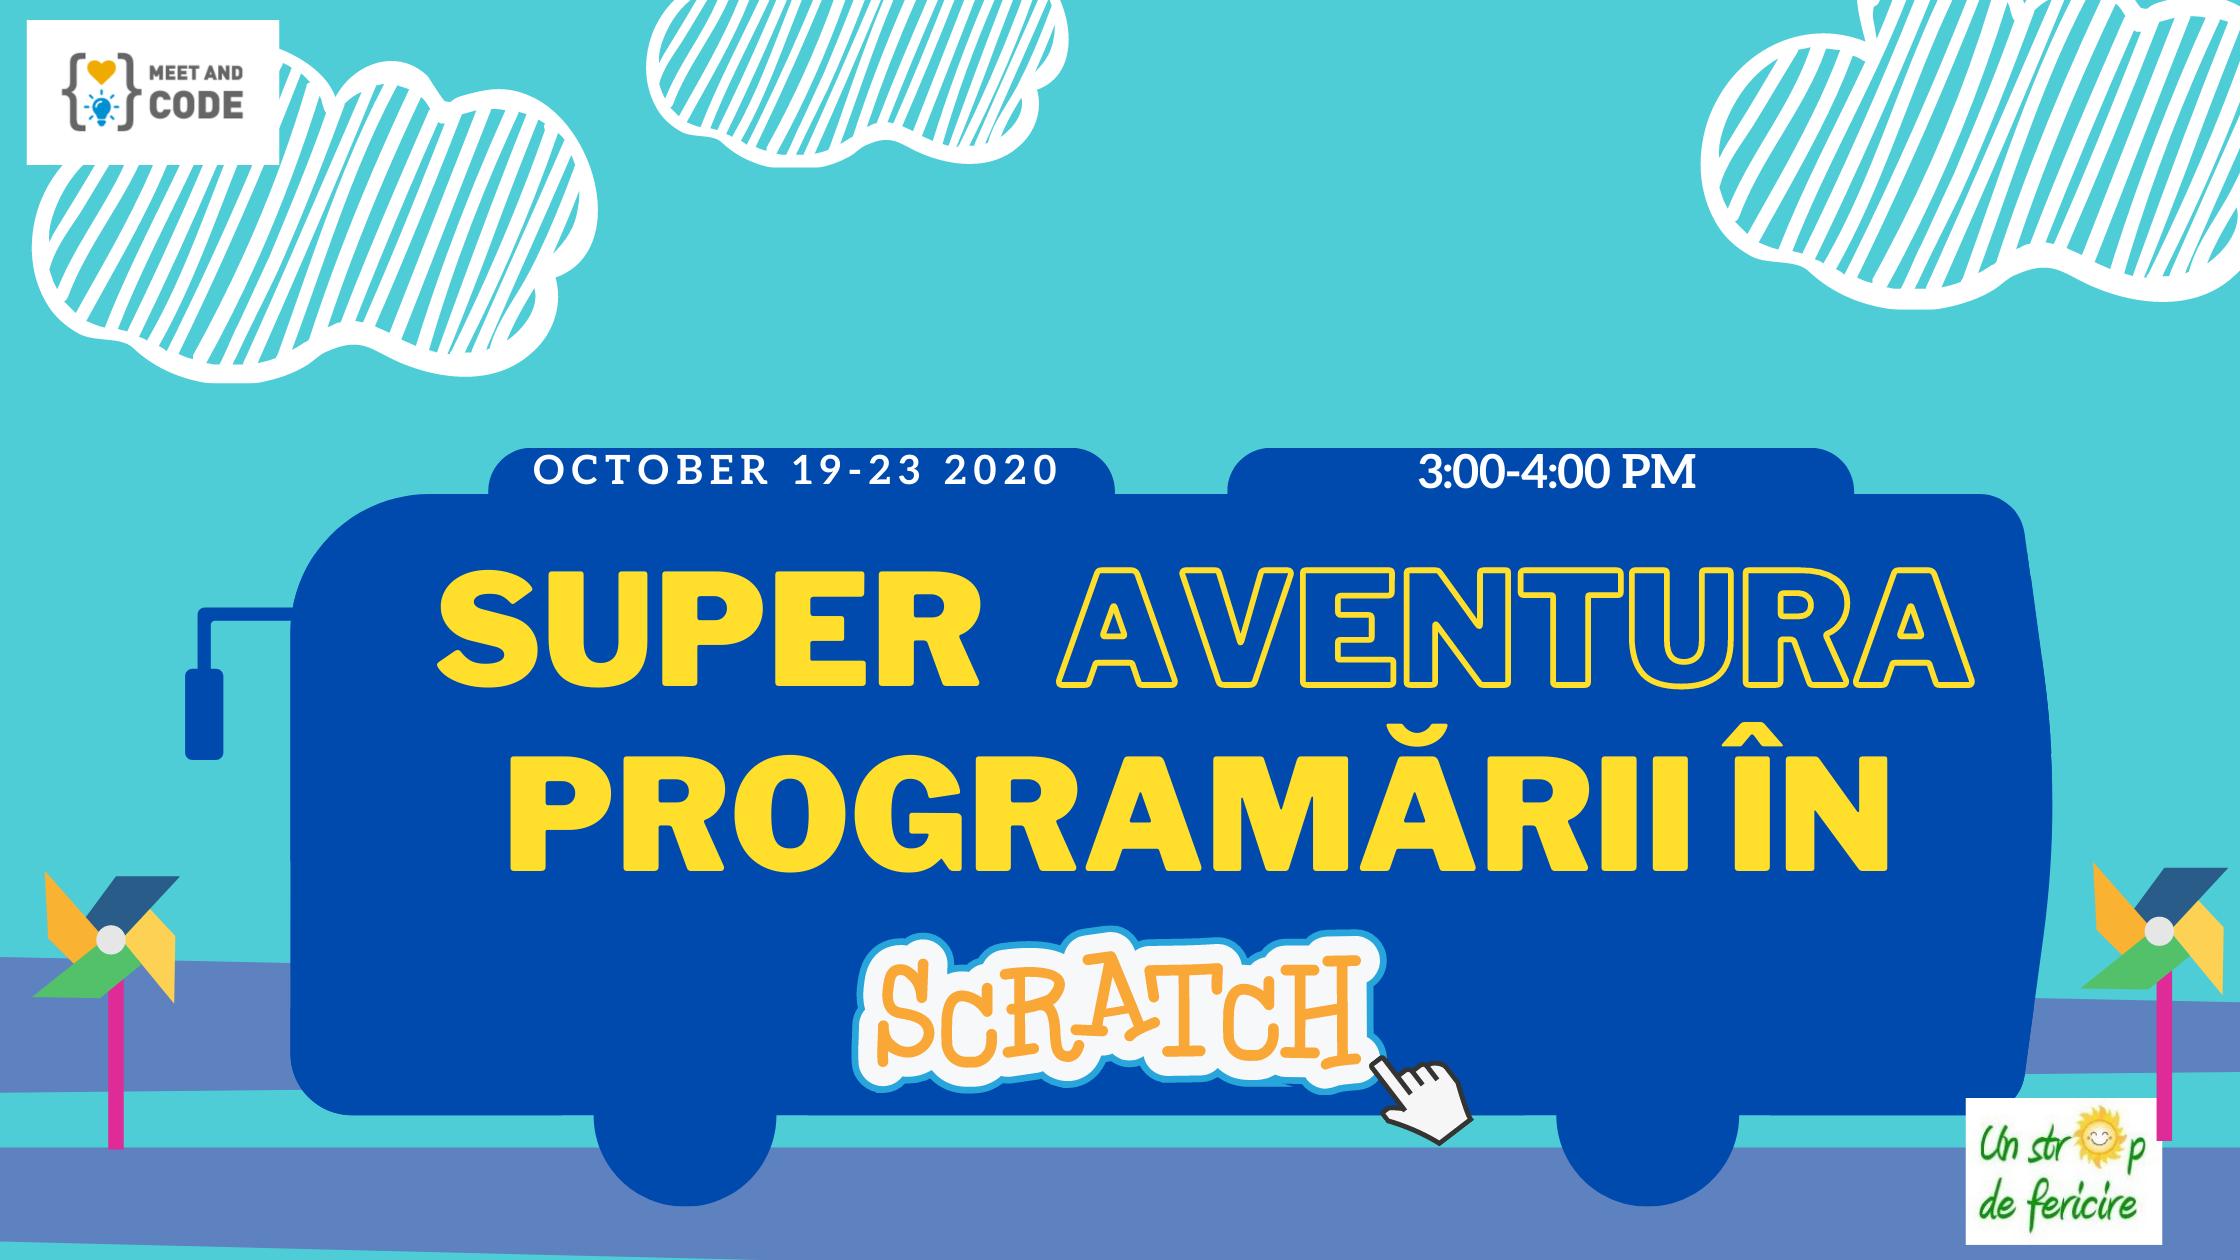 Copy of Super aventura programarii in Scratch-19-23.10.2020 BUN